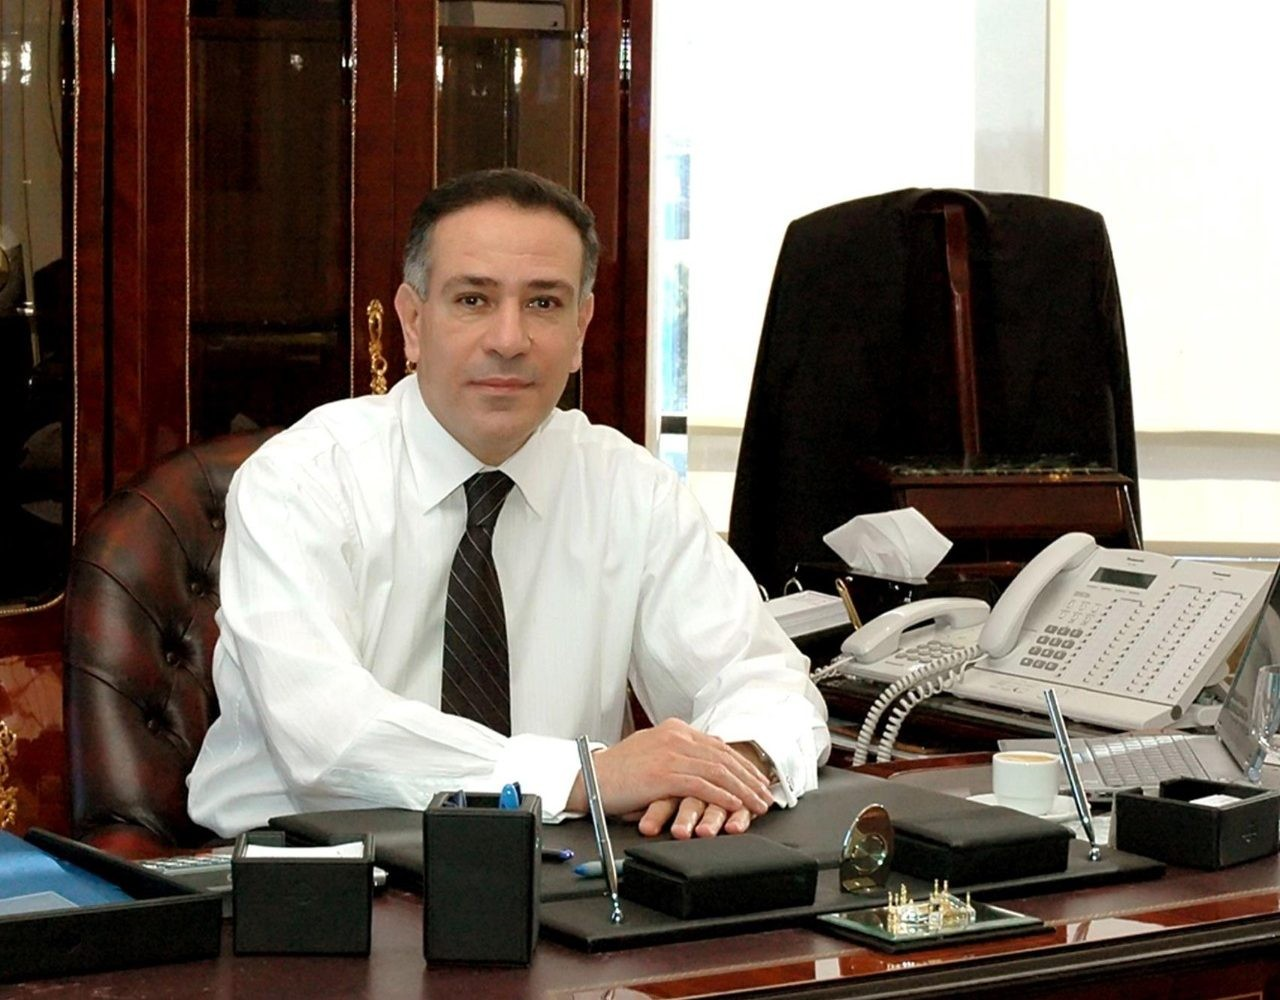 رئيس مستثمري بورسعيد: عودة 75 فى المئة من المساندة التصديرية تدفع لزيادة المبيعات